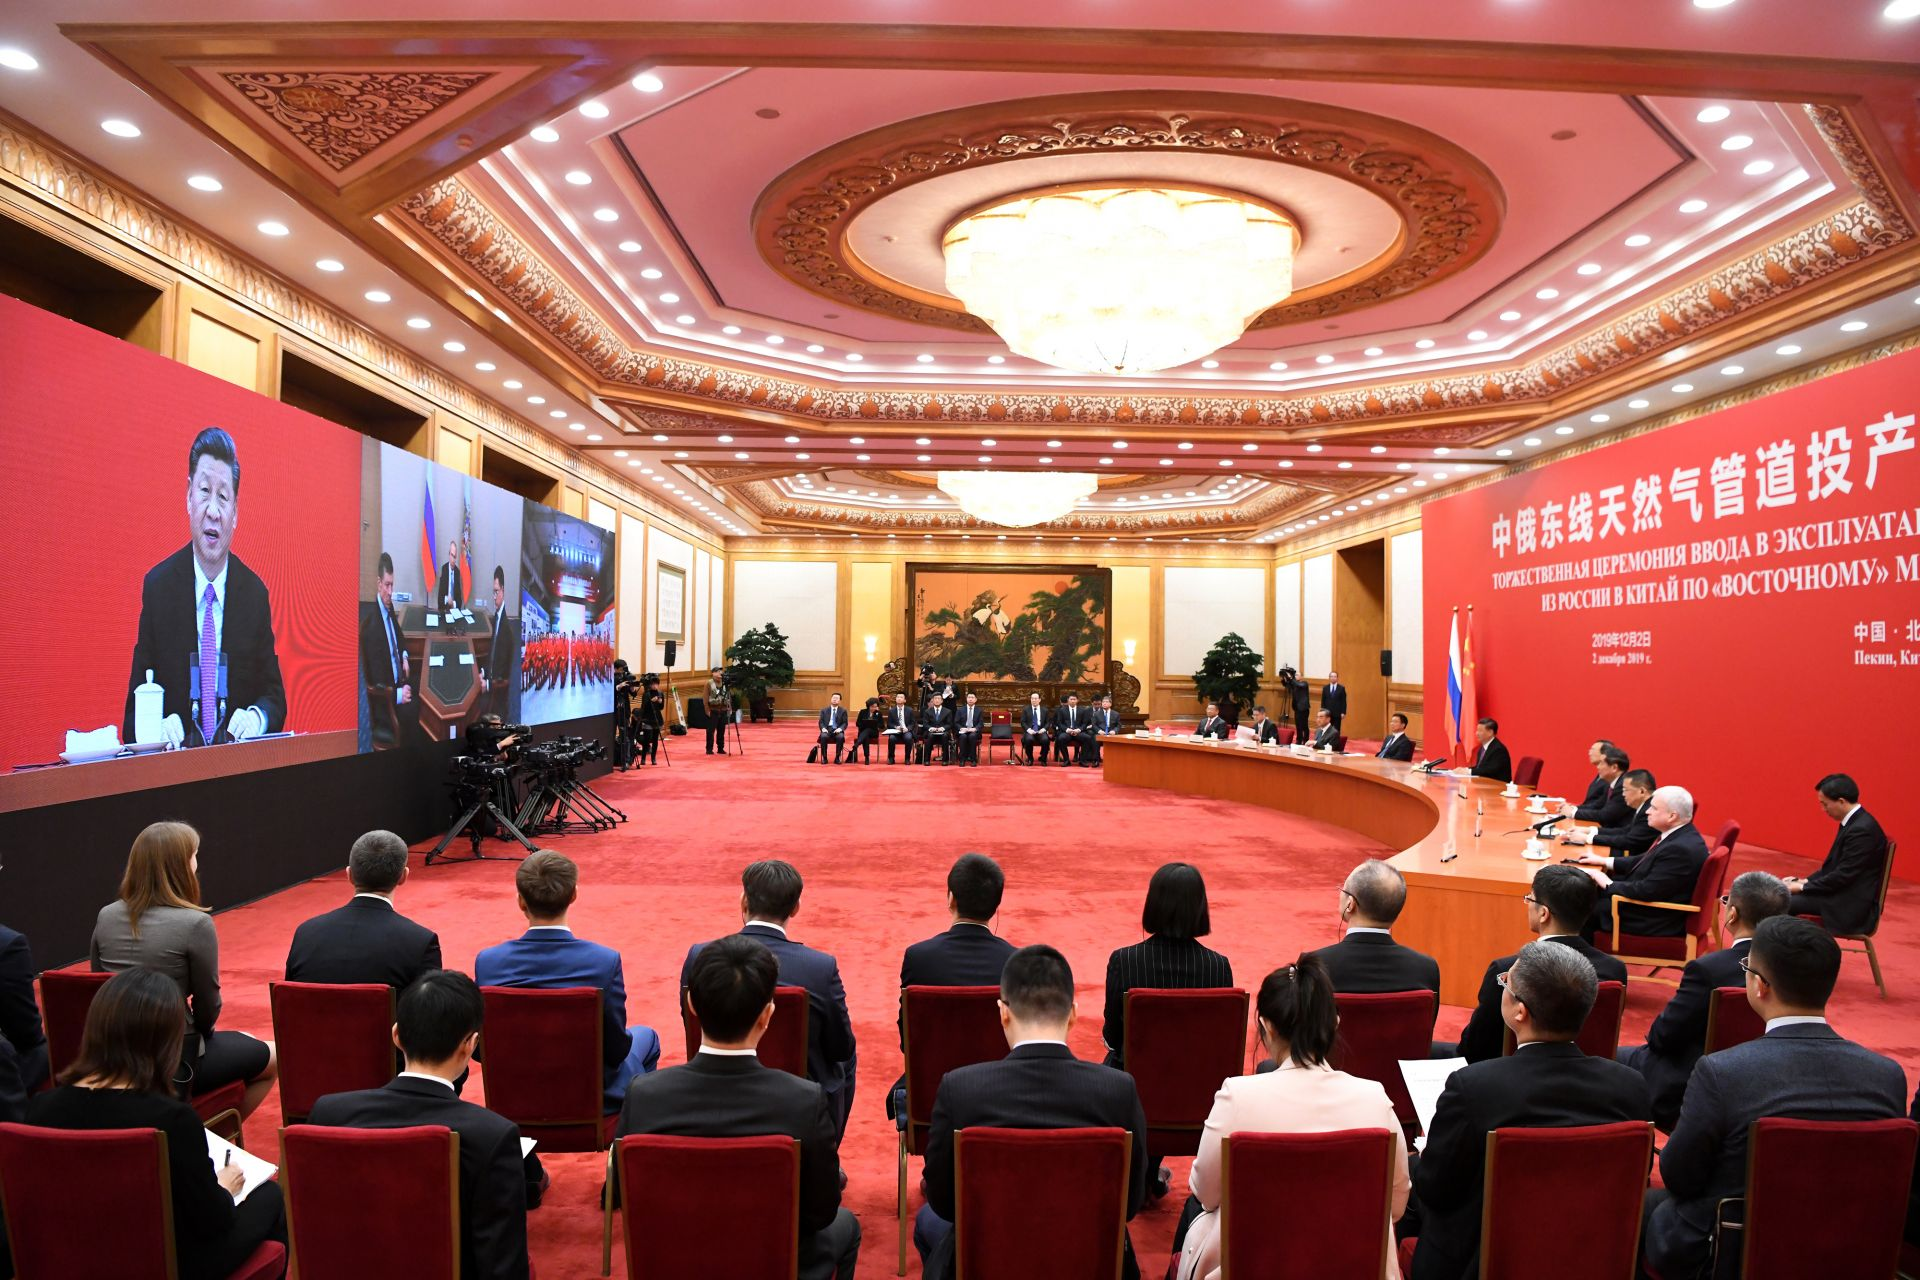 Китайският президент Си Дзинпин и руският президент Владимир Путин разговарят чрез видео връзка, Пекин, 2019 г.